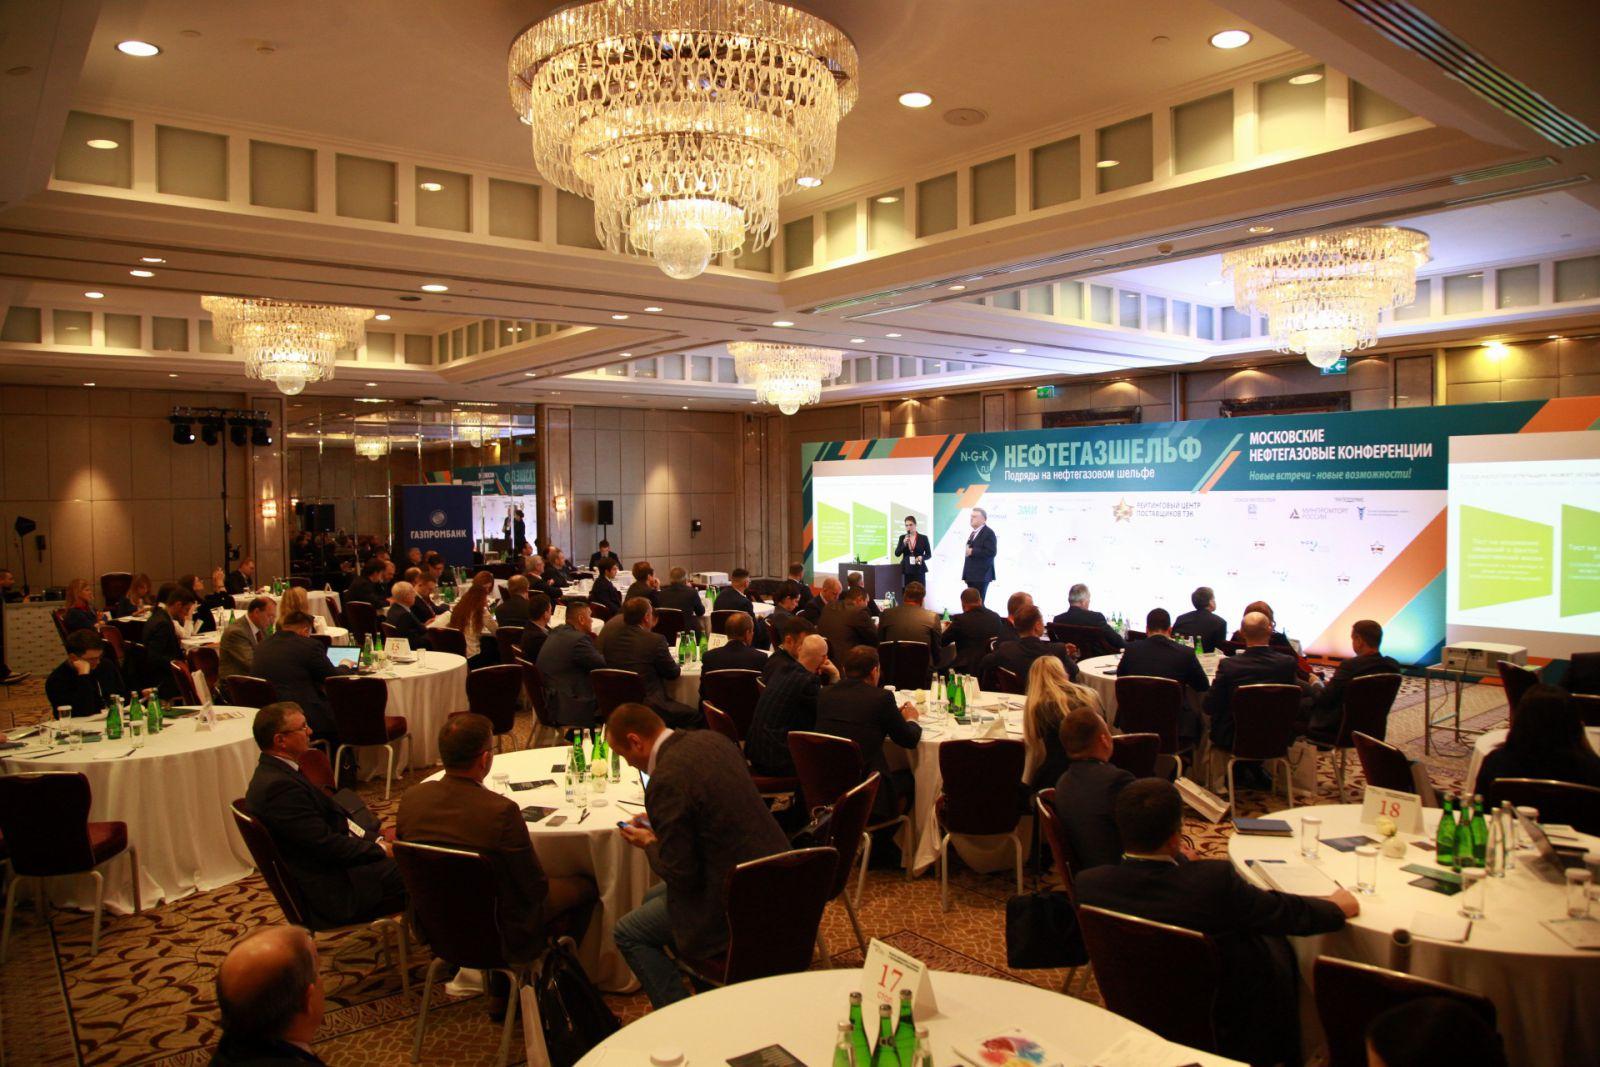 В отеле InterContinental прошла ежегодная встреча операторов шельфовых проектов со своими подрядчиками